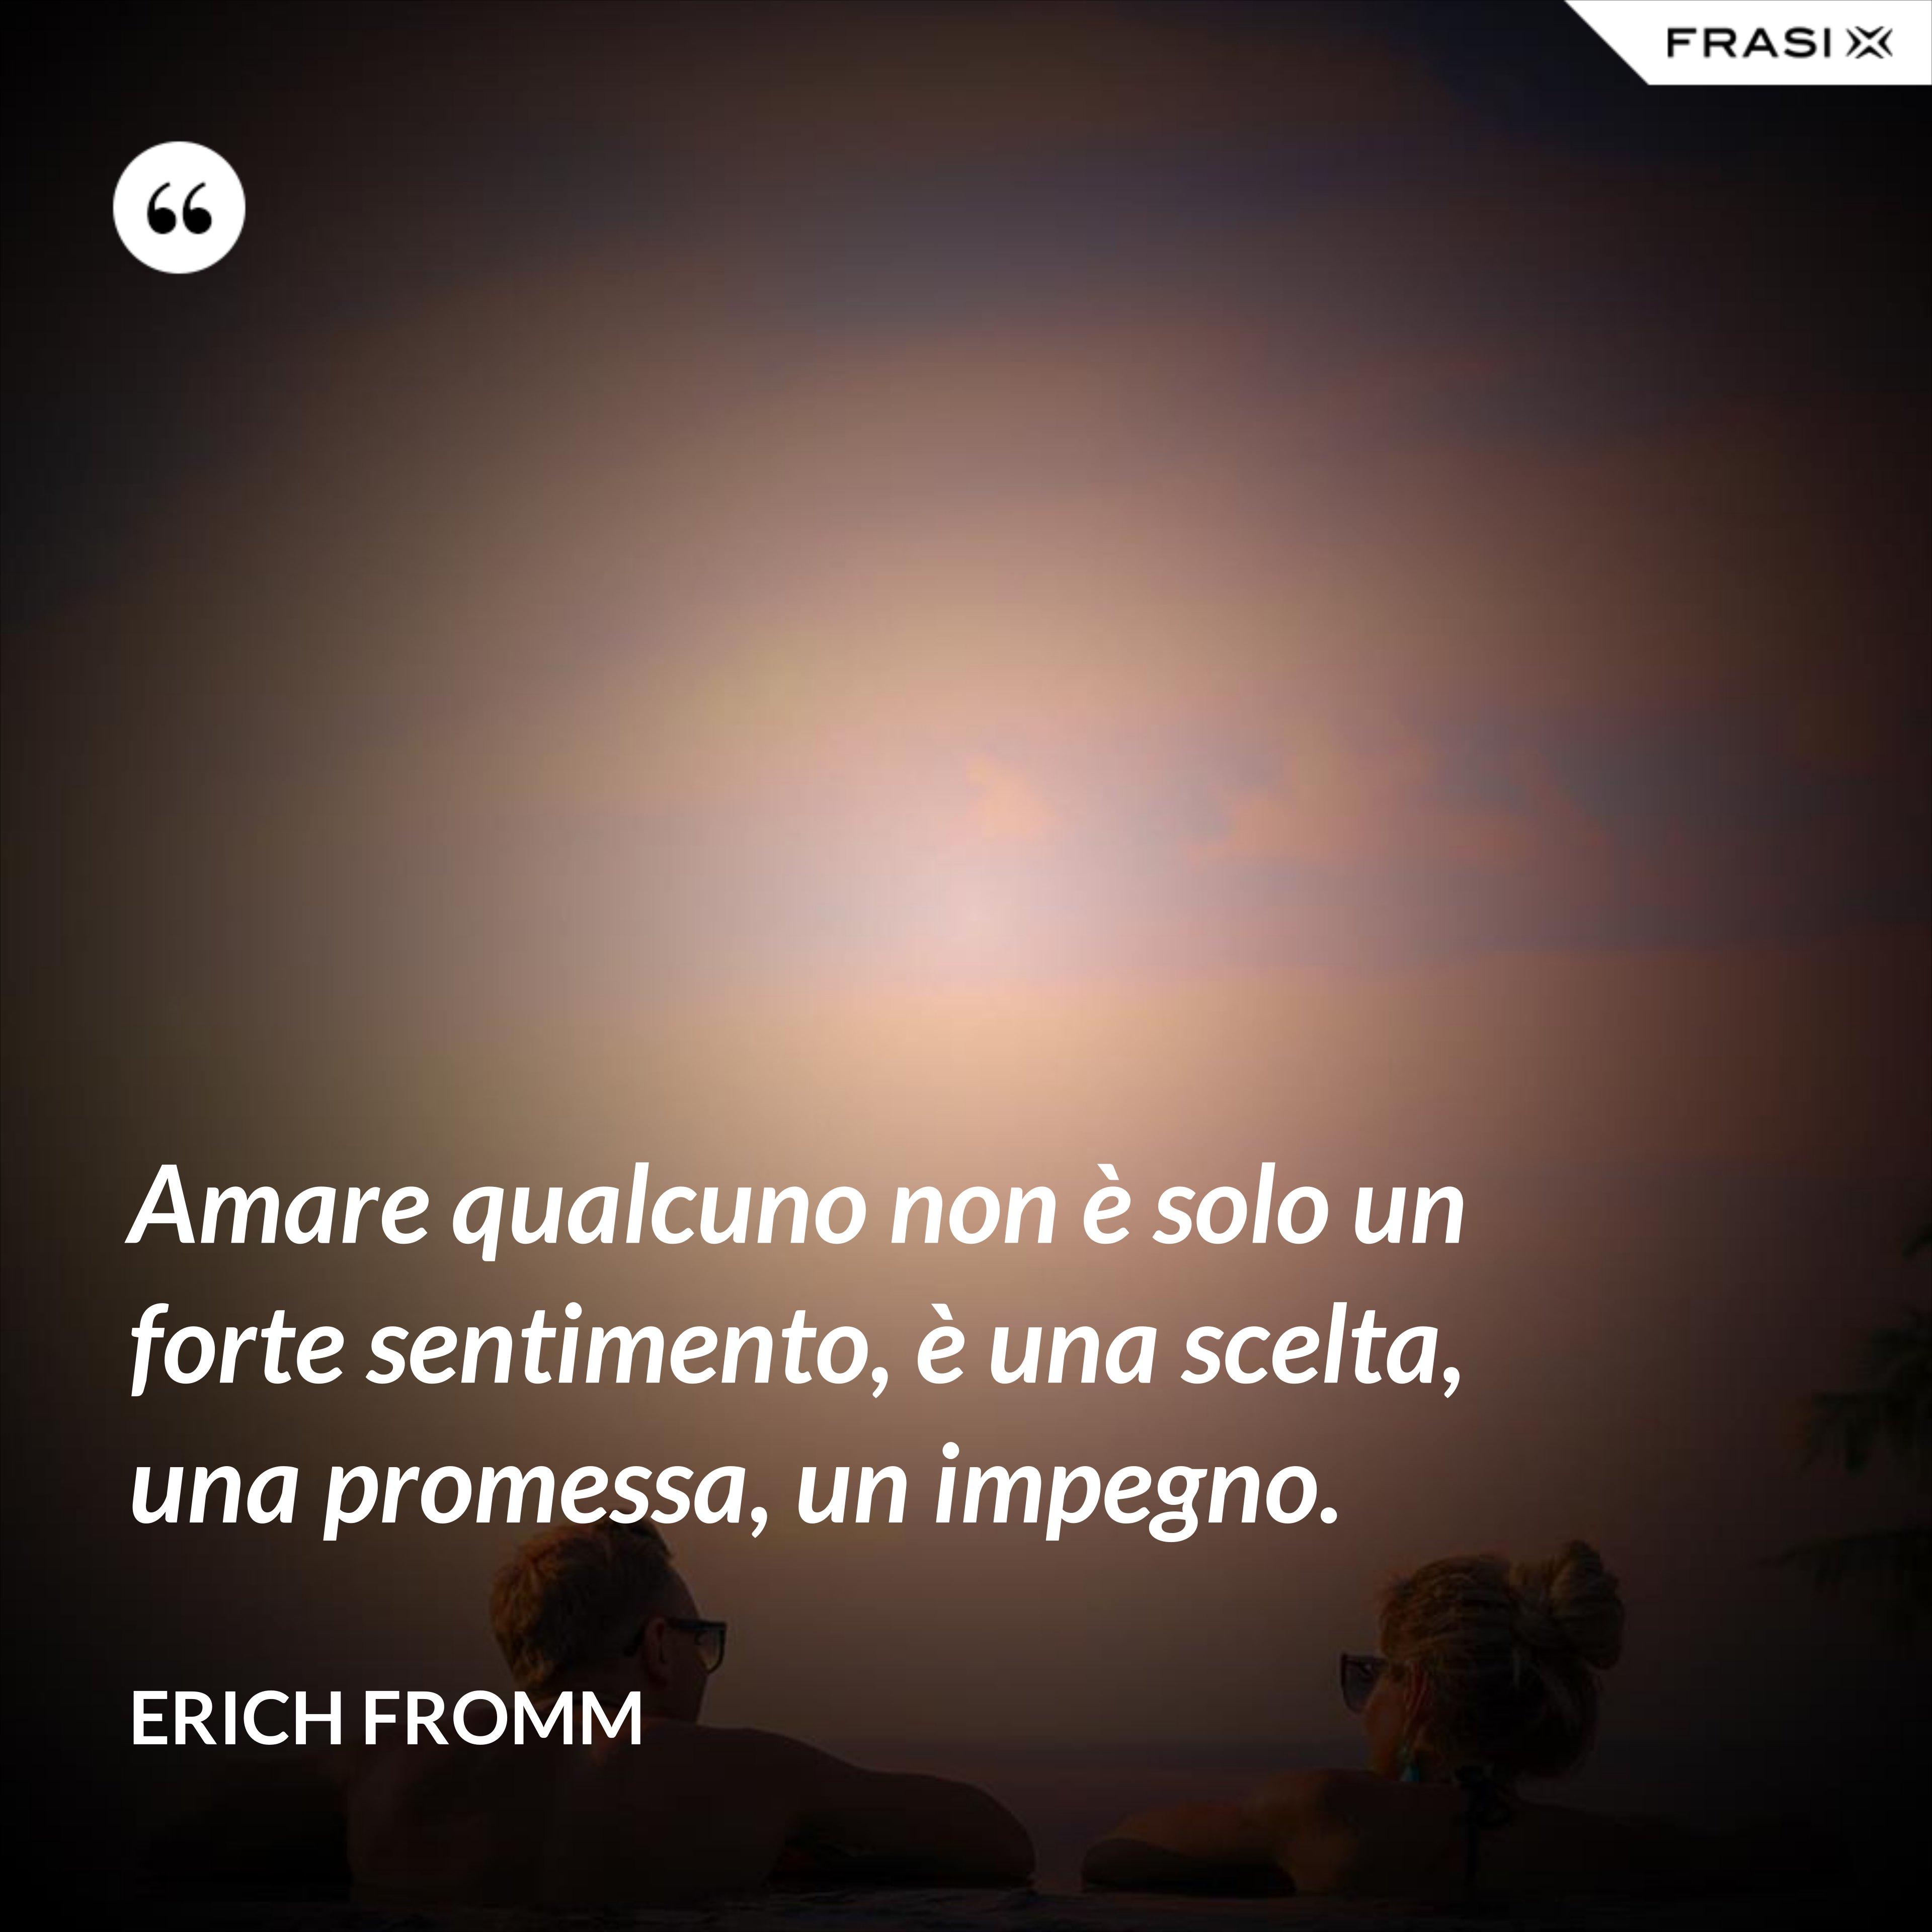 Amare qualcuno non è solo un forte sentimento, è una scelta, una promessa, un impegno. - Erich Fromm